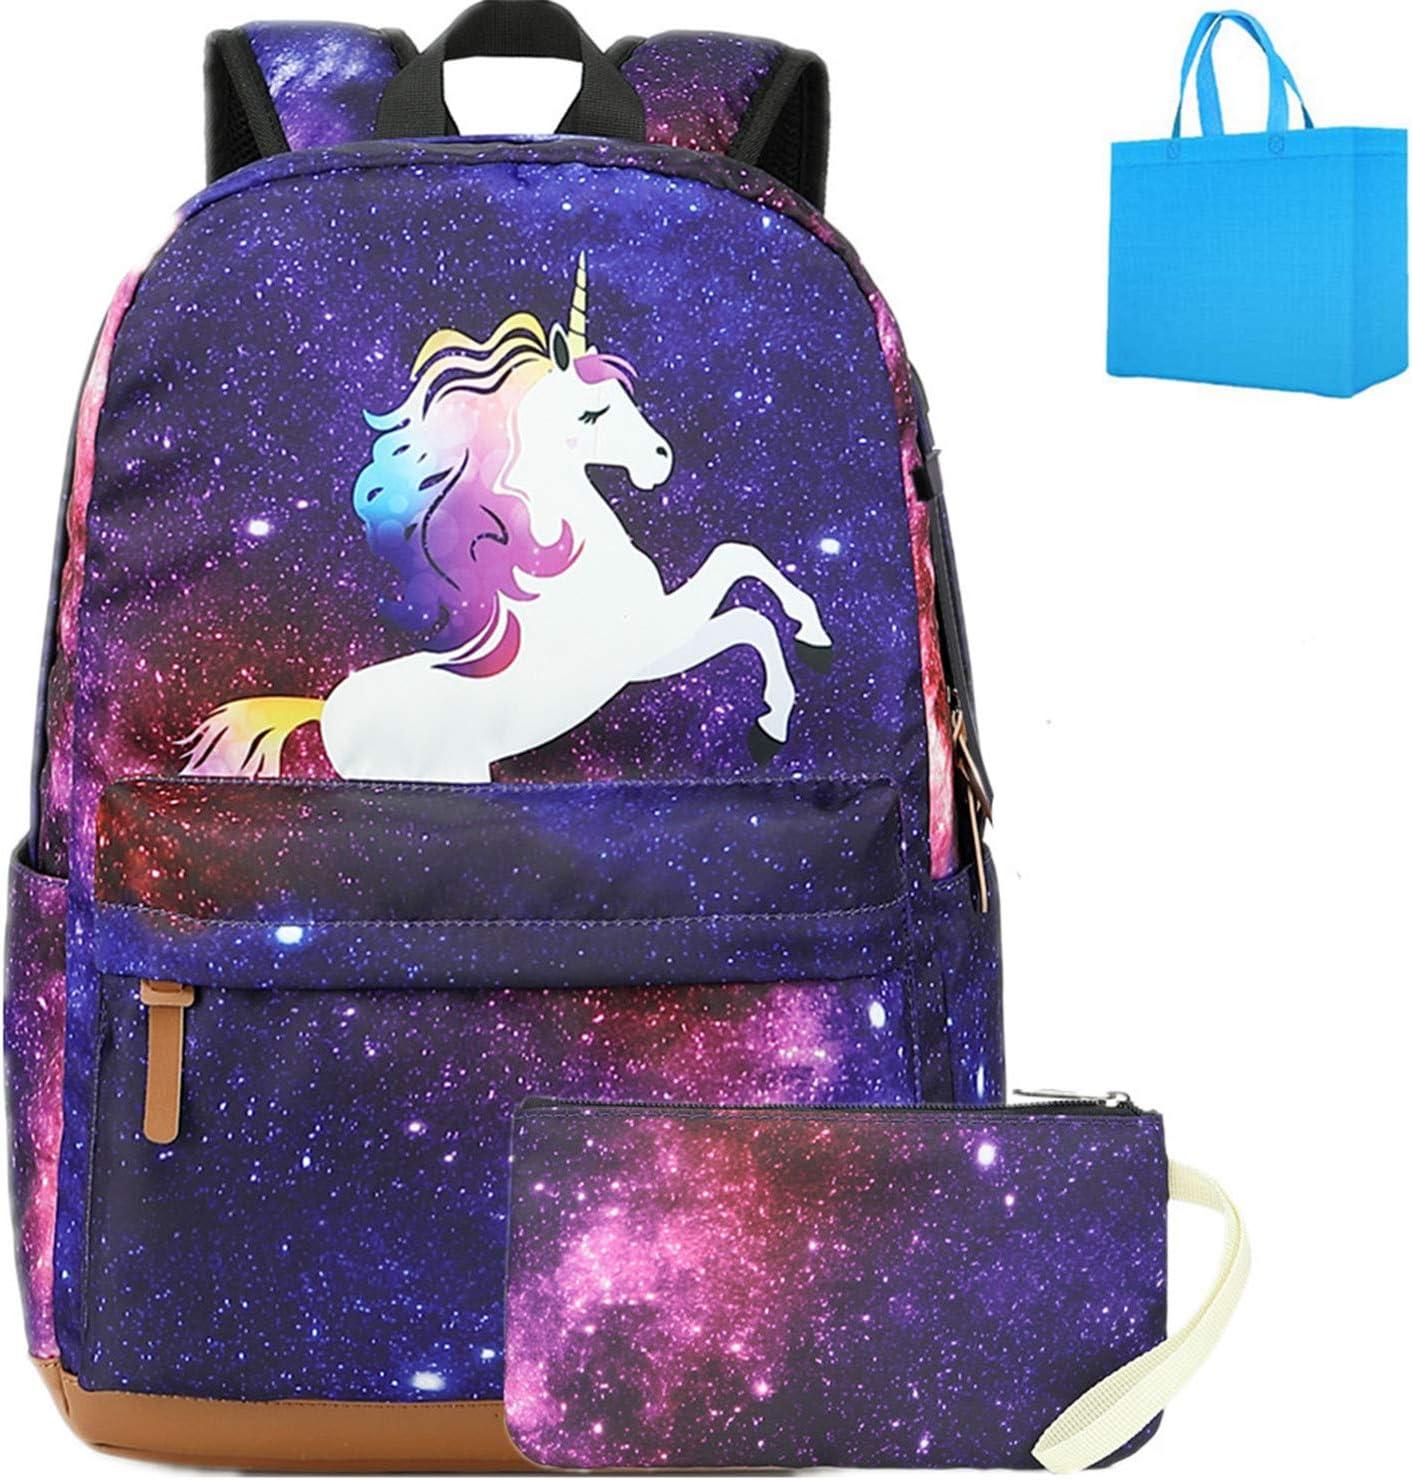 Galaxia Mochila Escolar Unicornio con Puerto de Carga USB Mochila Infantil Mochila Casual para Portátil para niños y niñas Adolescentes Morado (Morado)